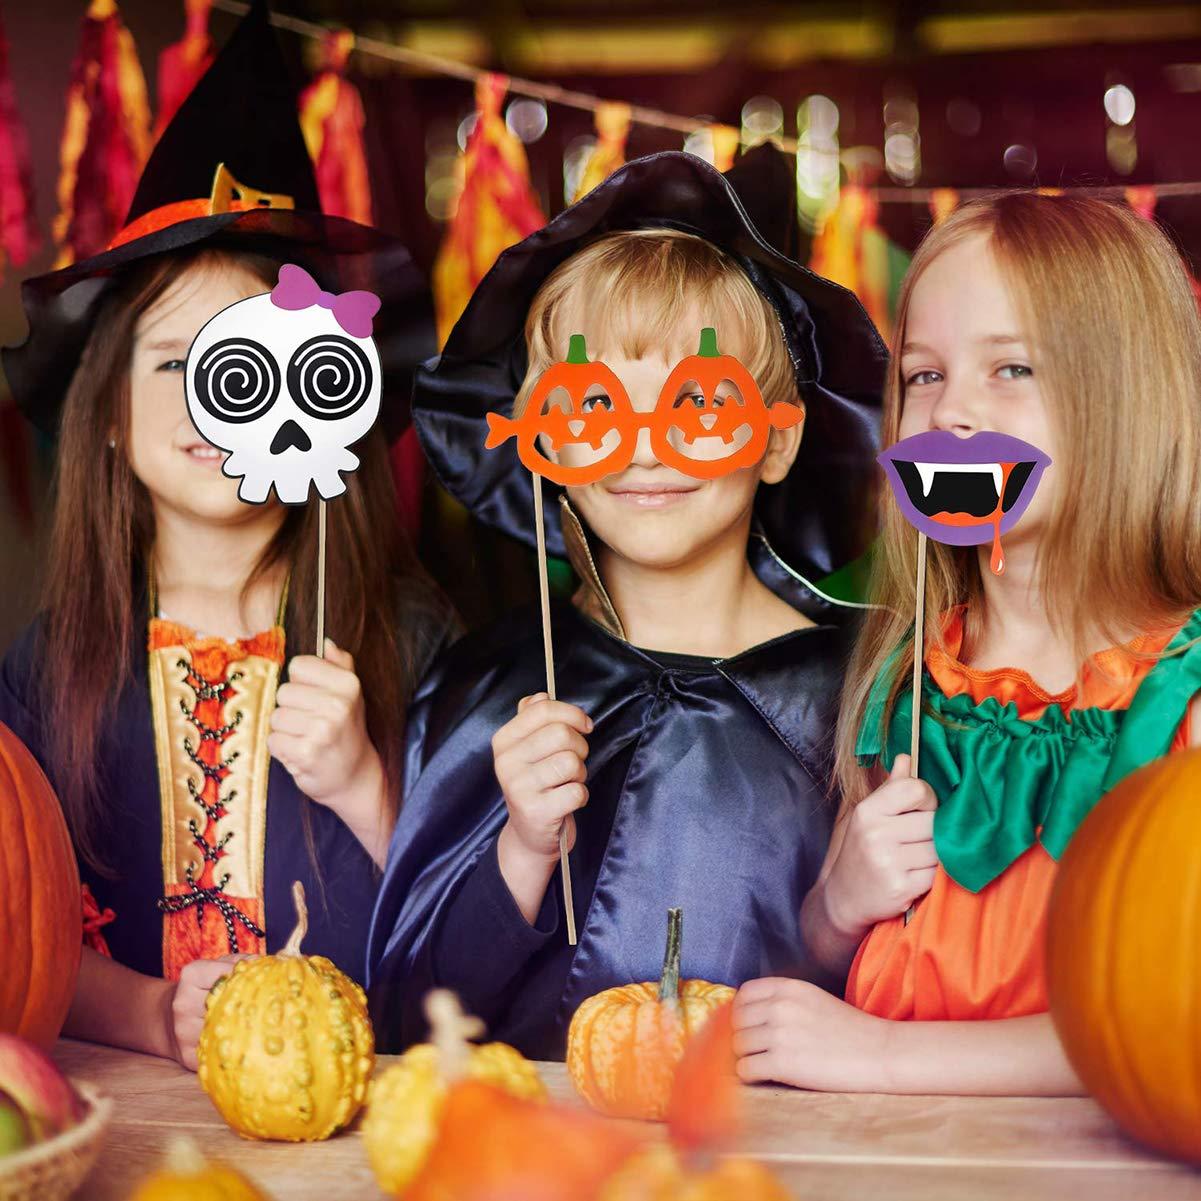 Dancepandas Halloween Foto Prop 34PCS Cabina De Fotos Photo Booth Props Halloween Creativo Photocall Para Fiestas De Disfraces Boda Cumplea/ños Navidad Halloween A/ño Nuevo y Otro Diferentes Ocasiones